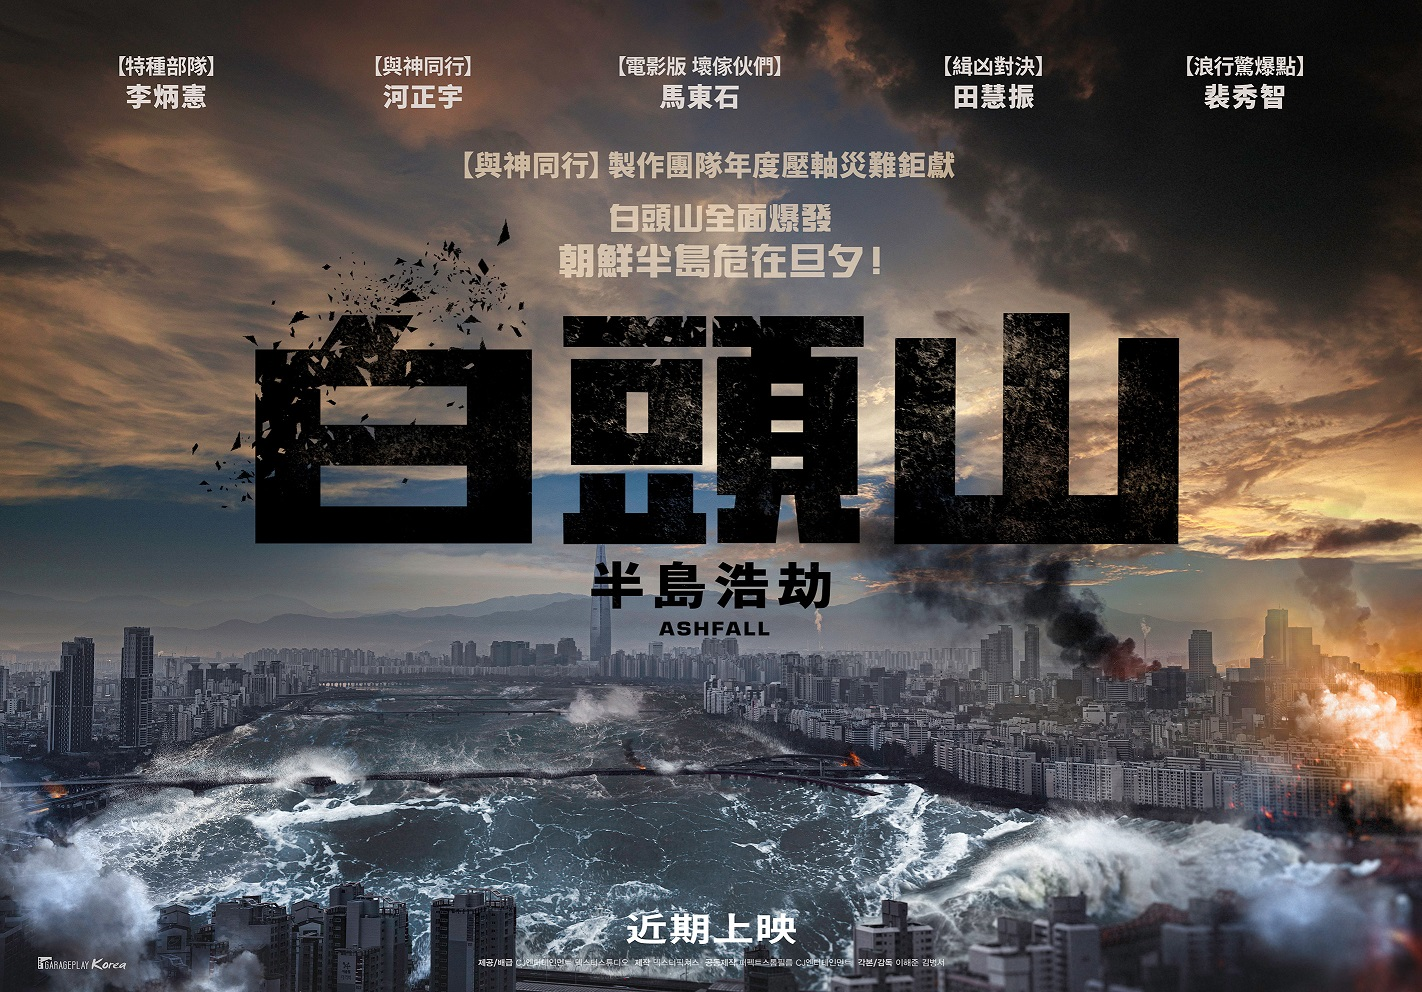 震撼災難大作《白頭山:半島浩劫》公布中文前導海報!